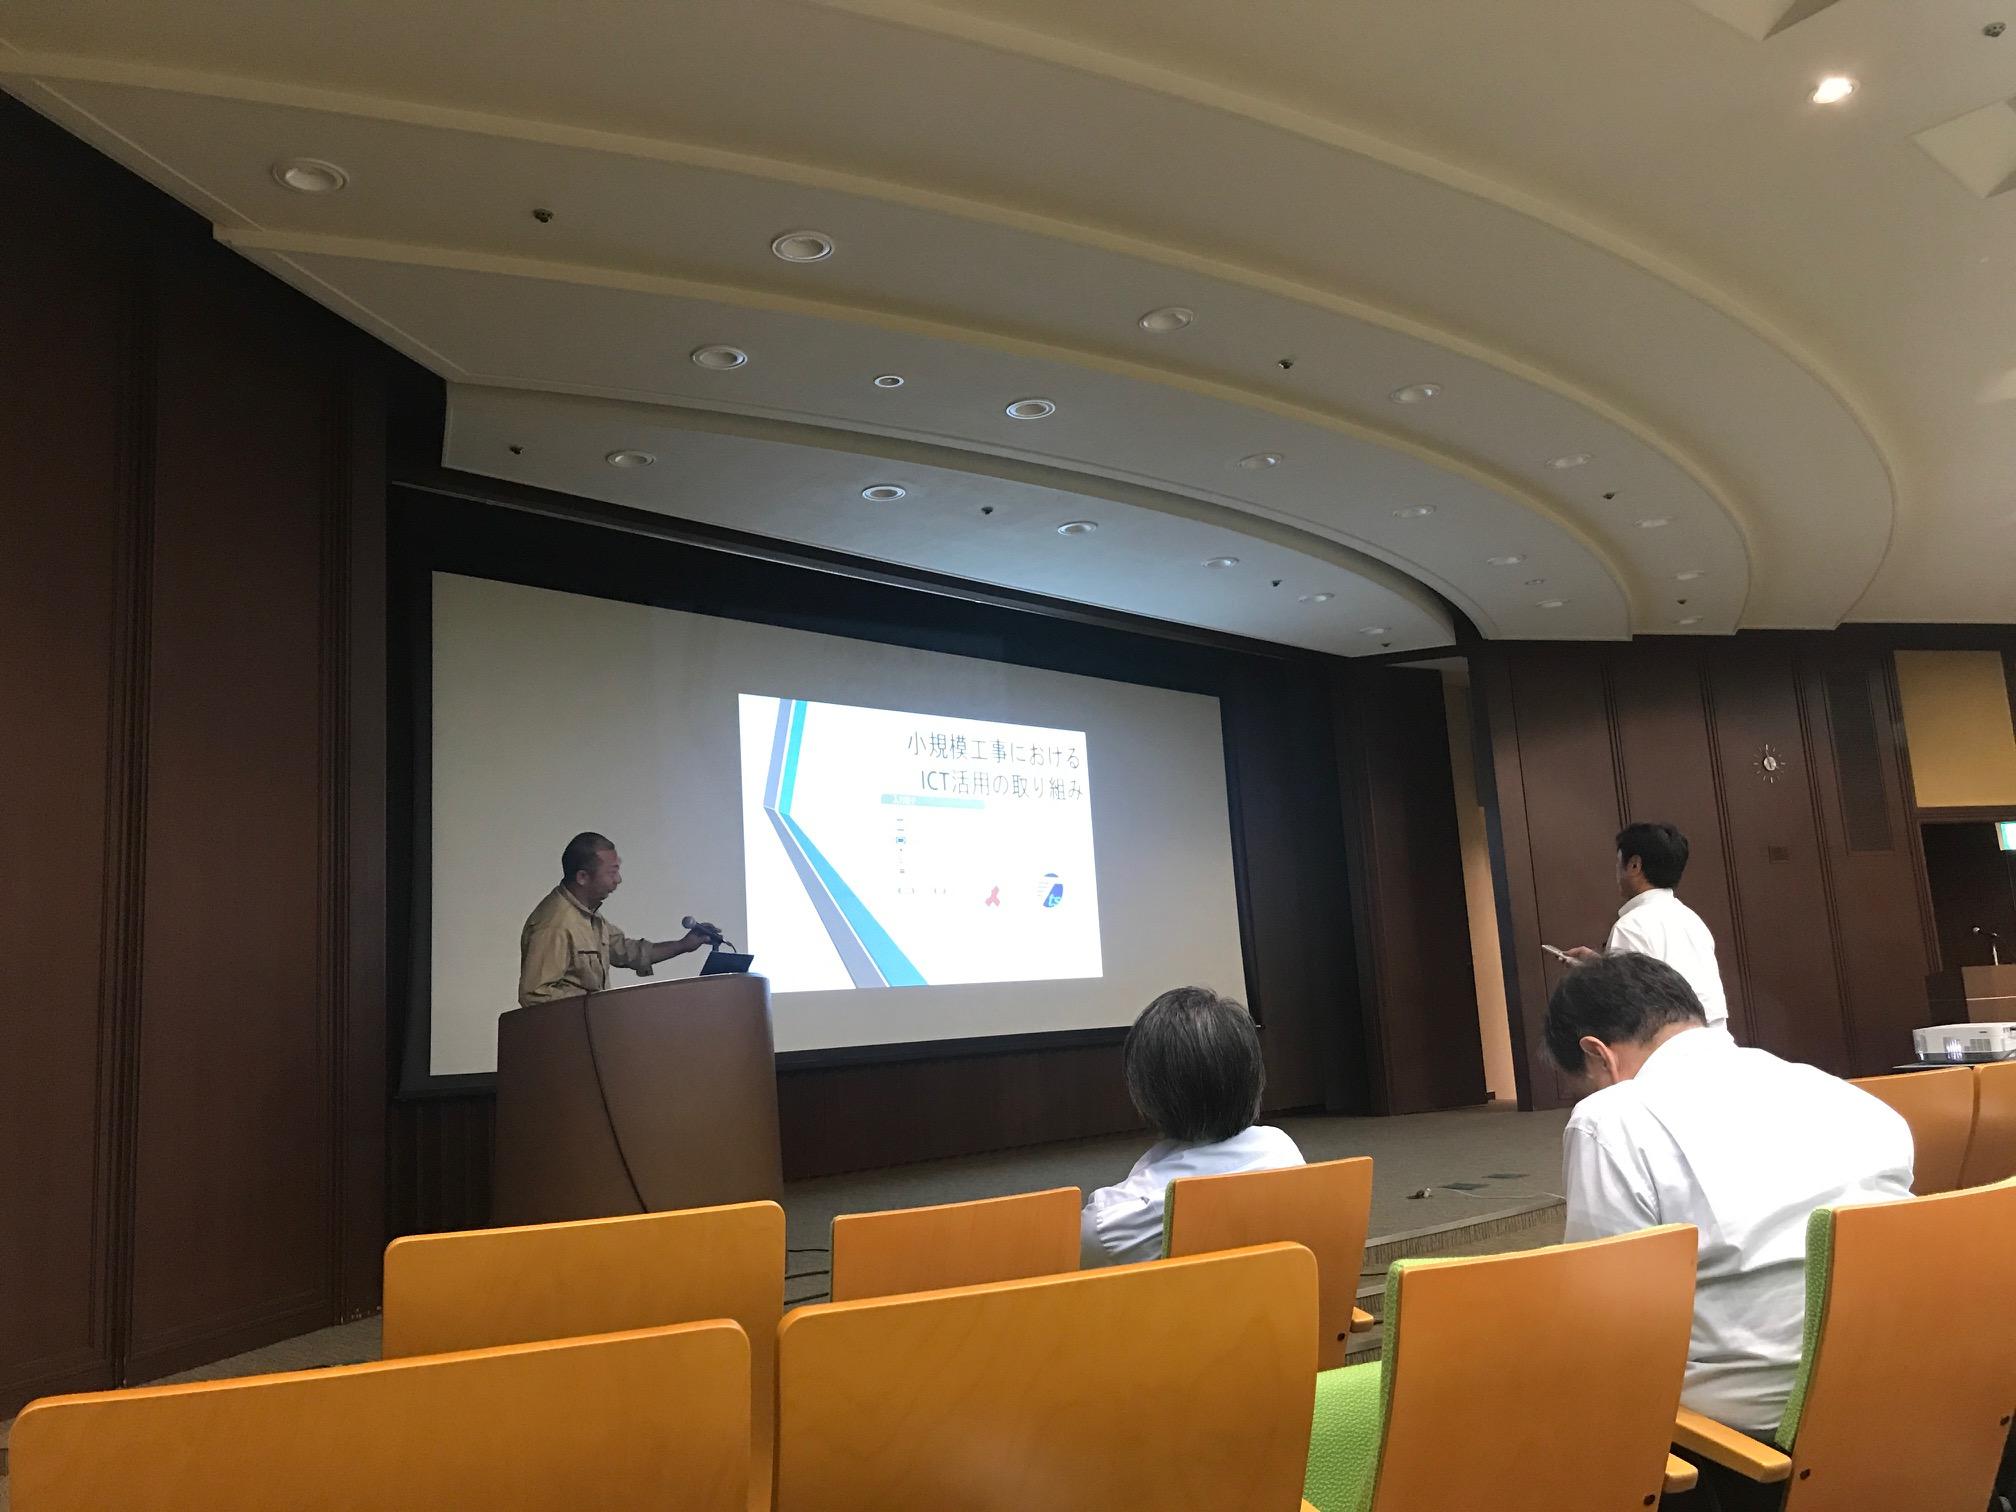 大阪 CIM講演会